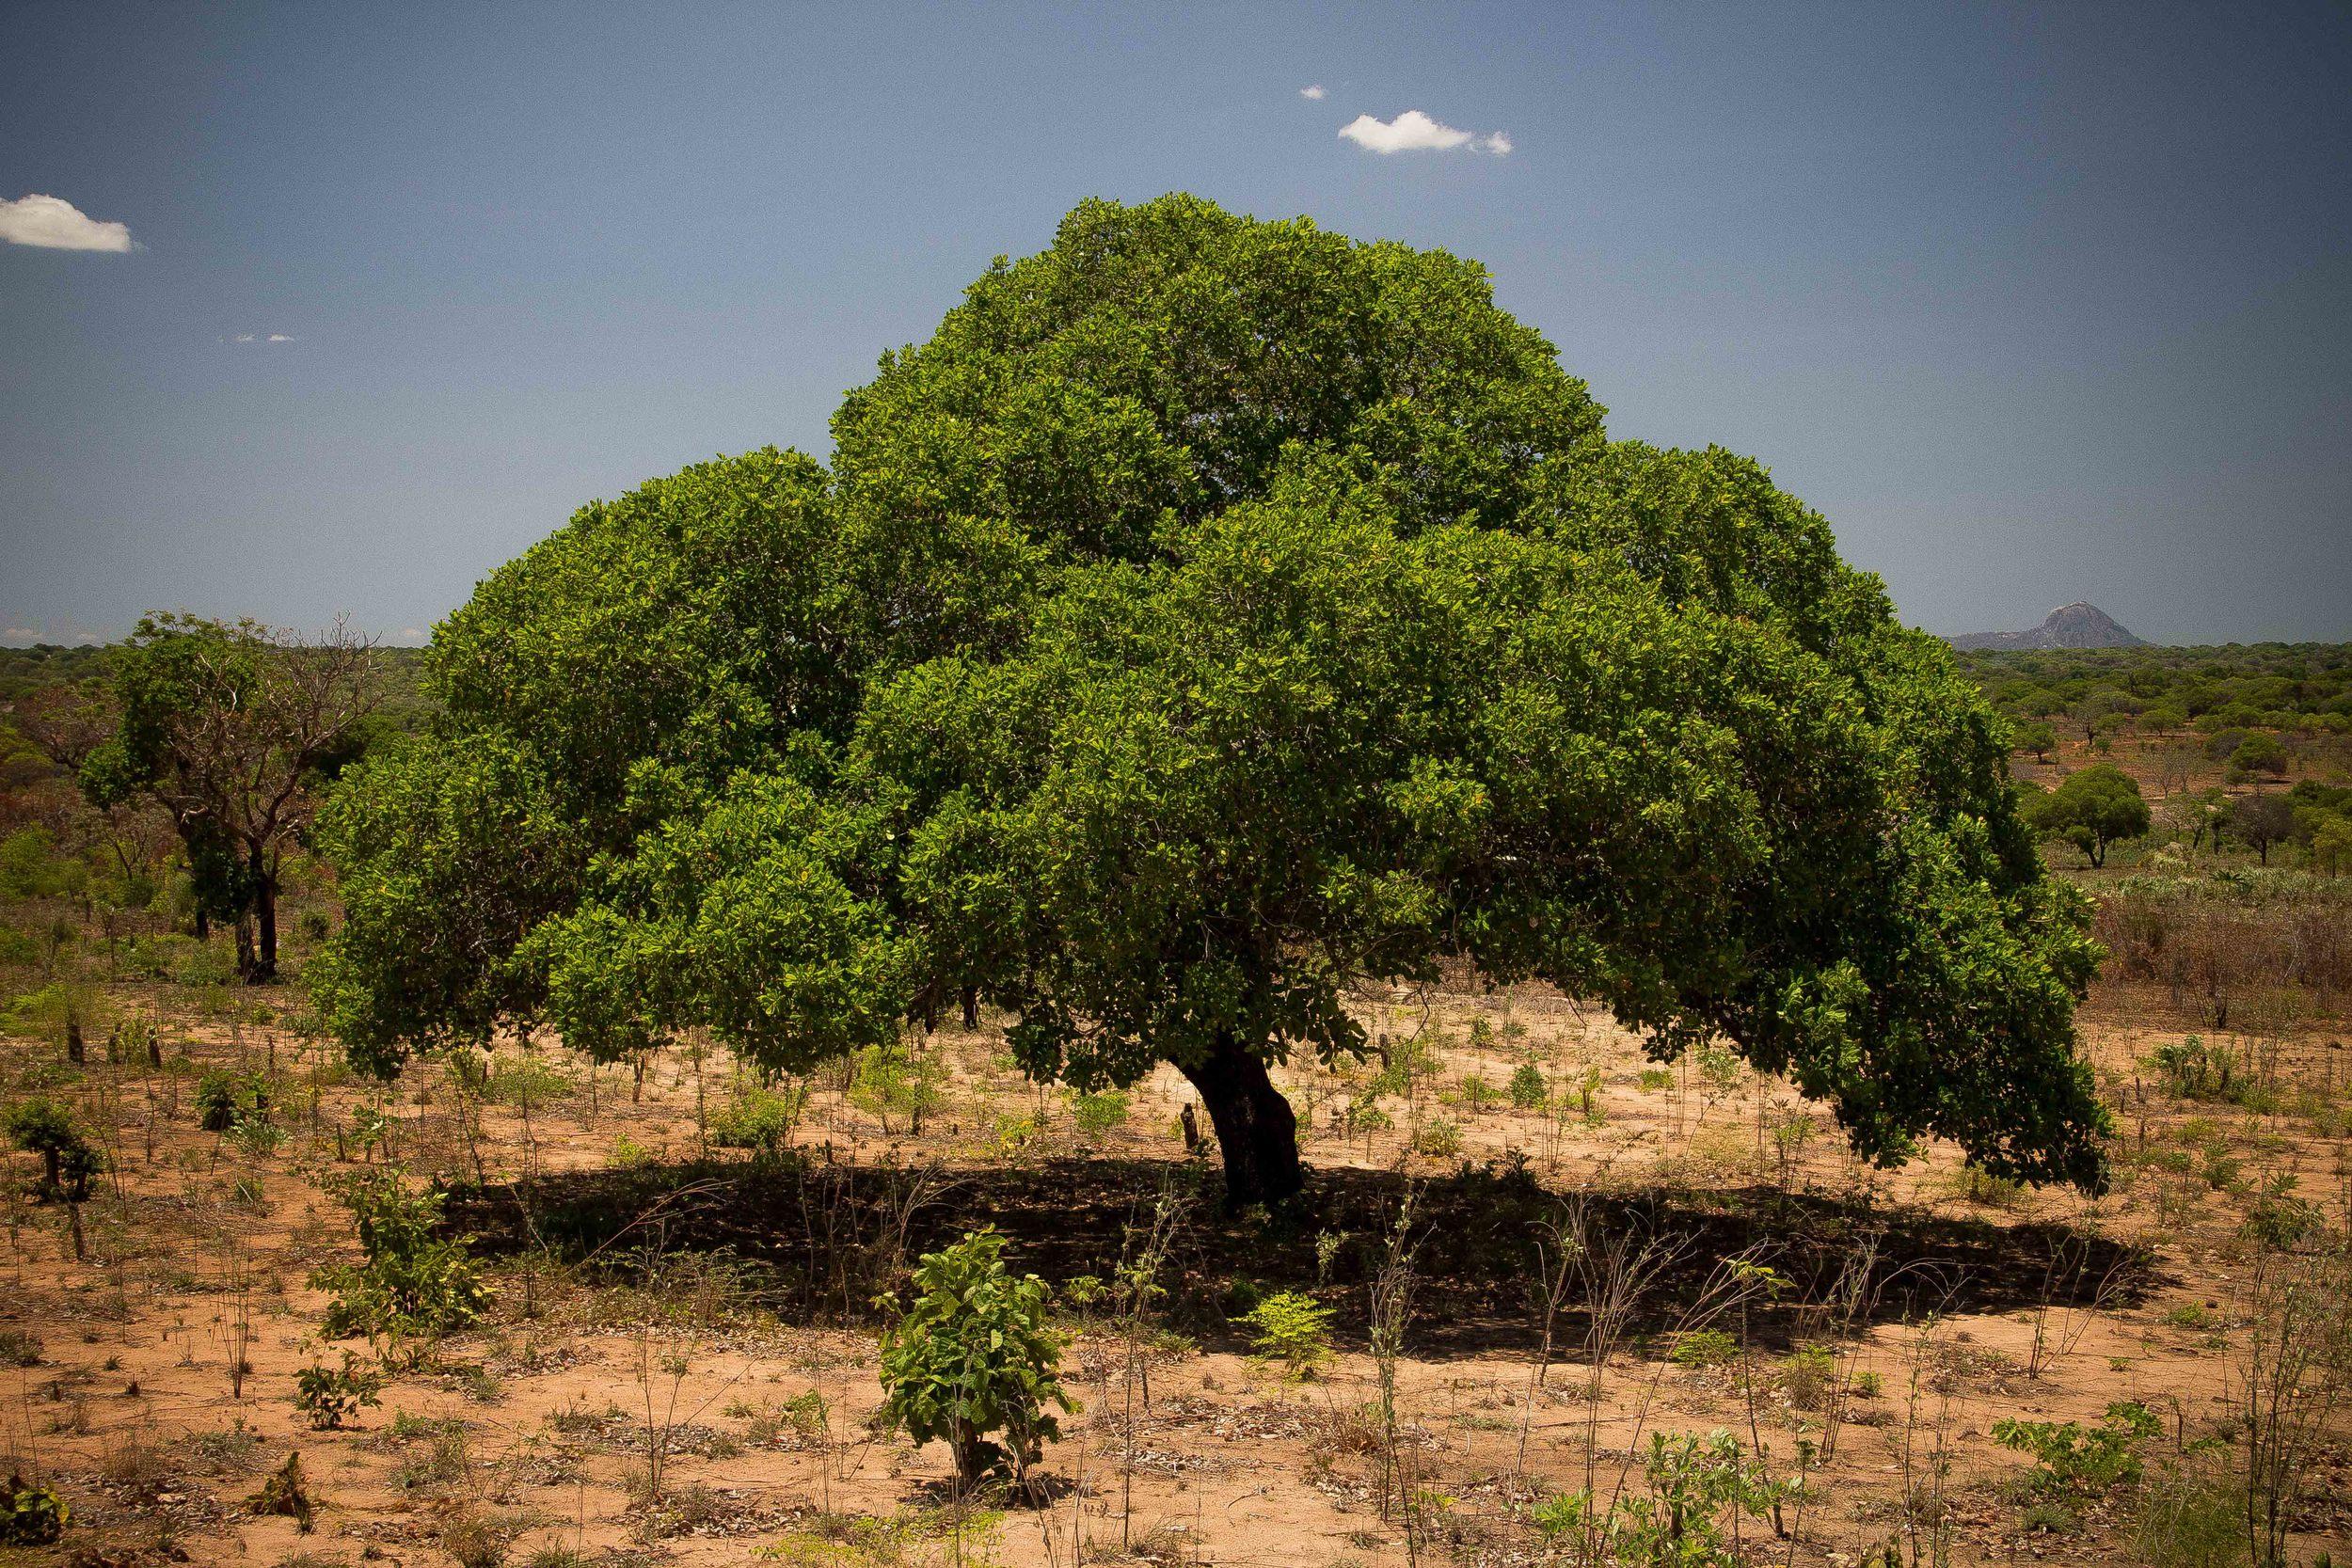 Mogovolas district, Nampula   province  – An adult cashew tree with a good and healthy canopy, free from wildfires |  Cajueiro adulto com boa copa e livre de queimadas descontroladas